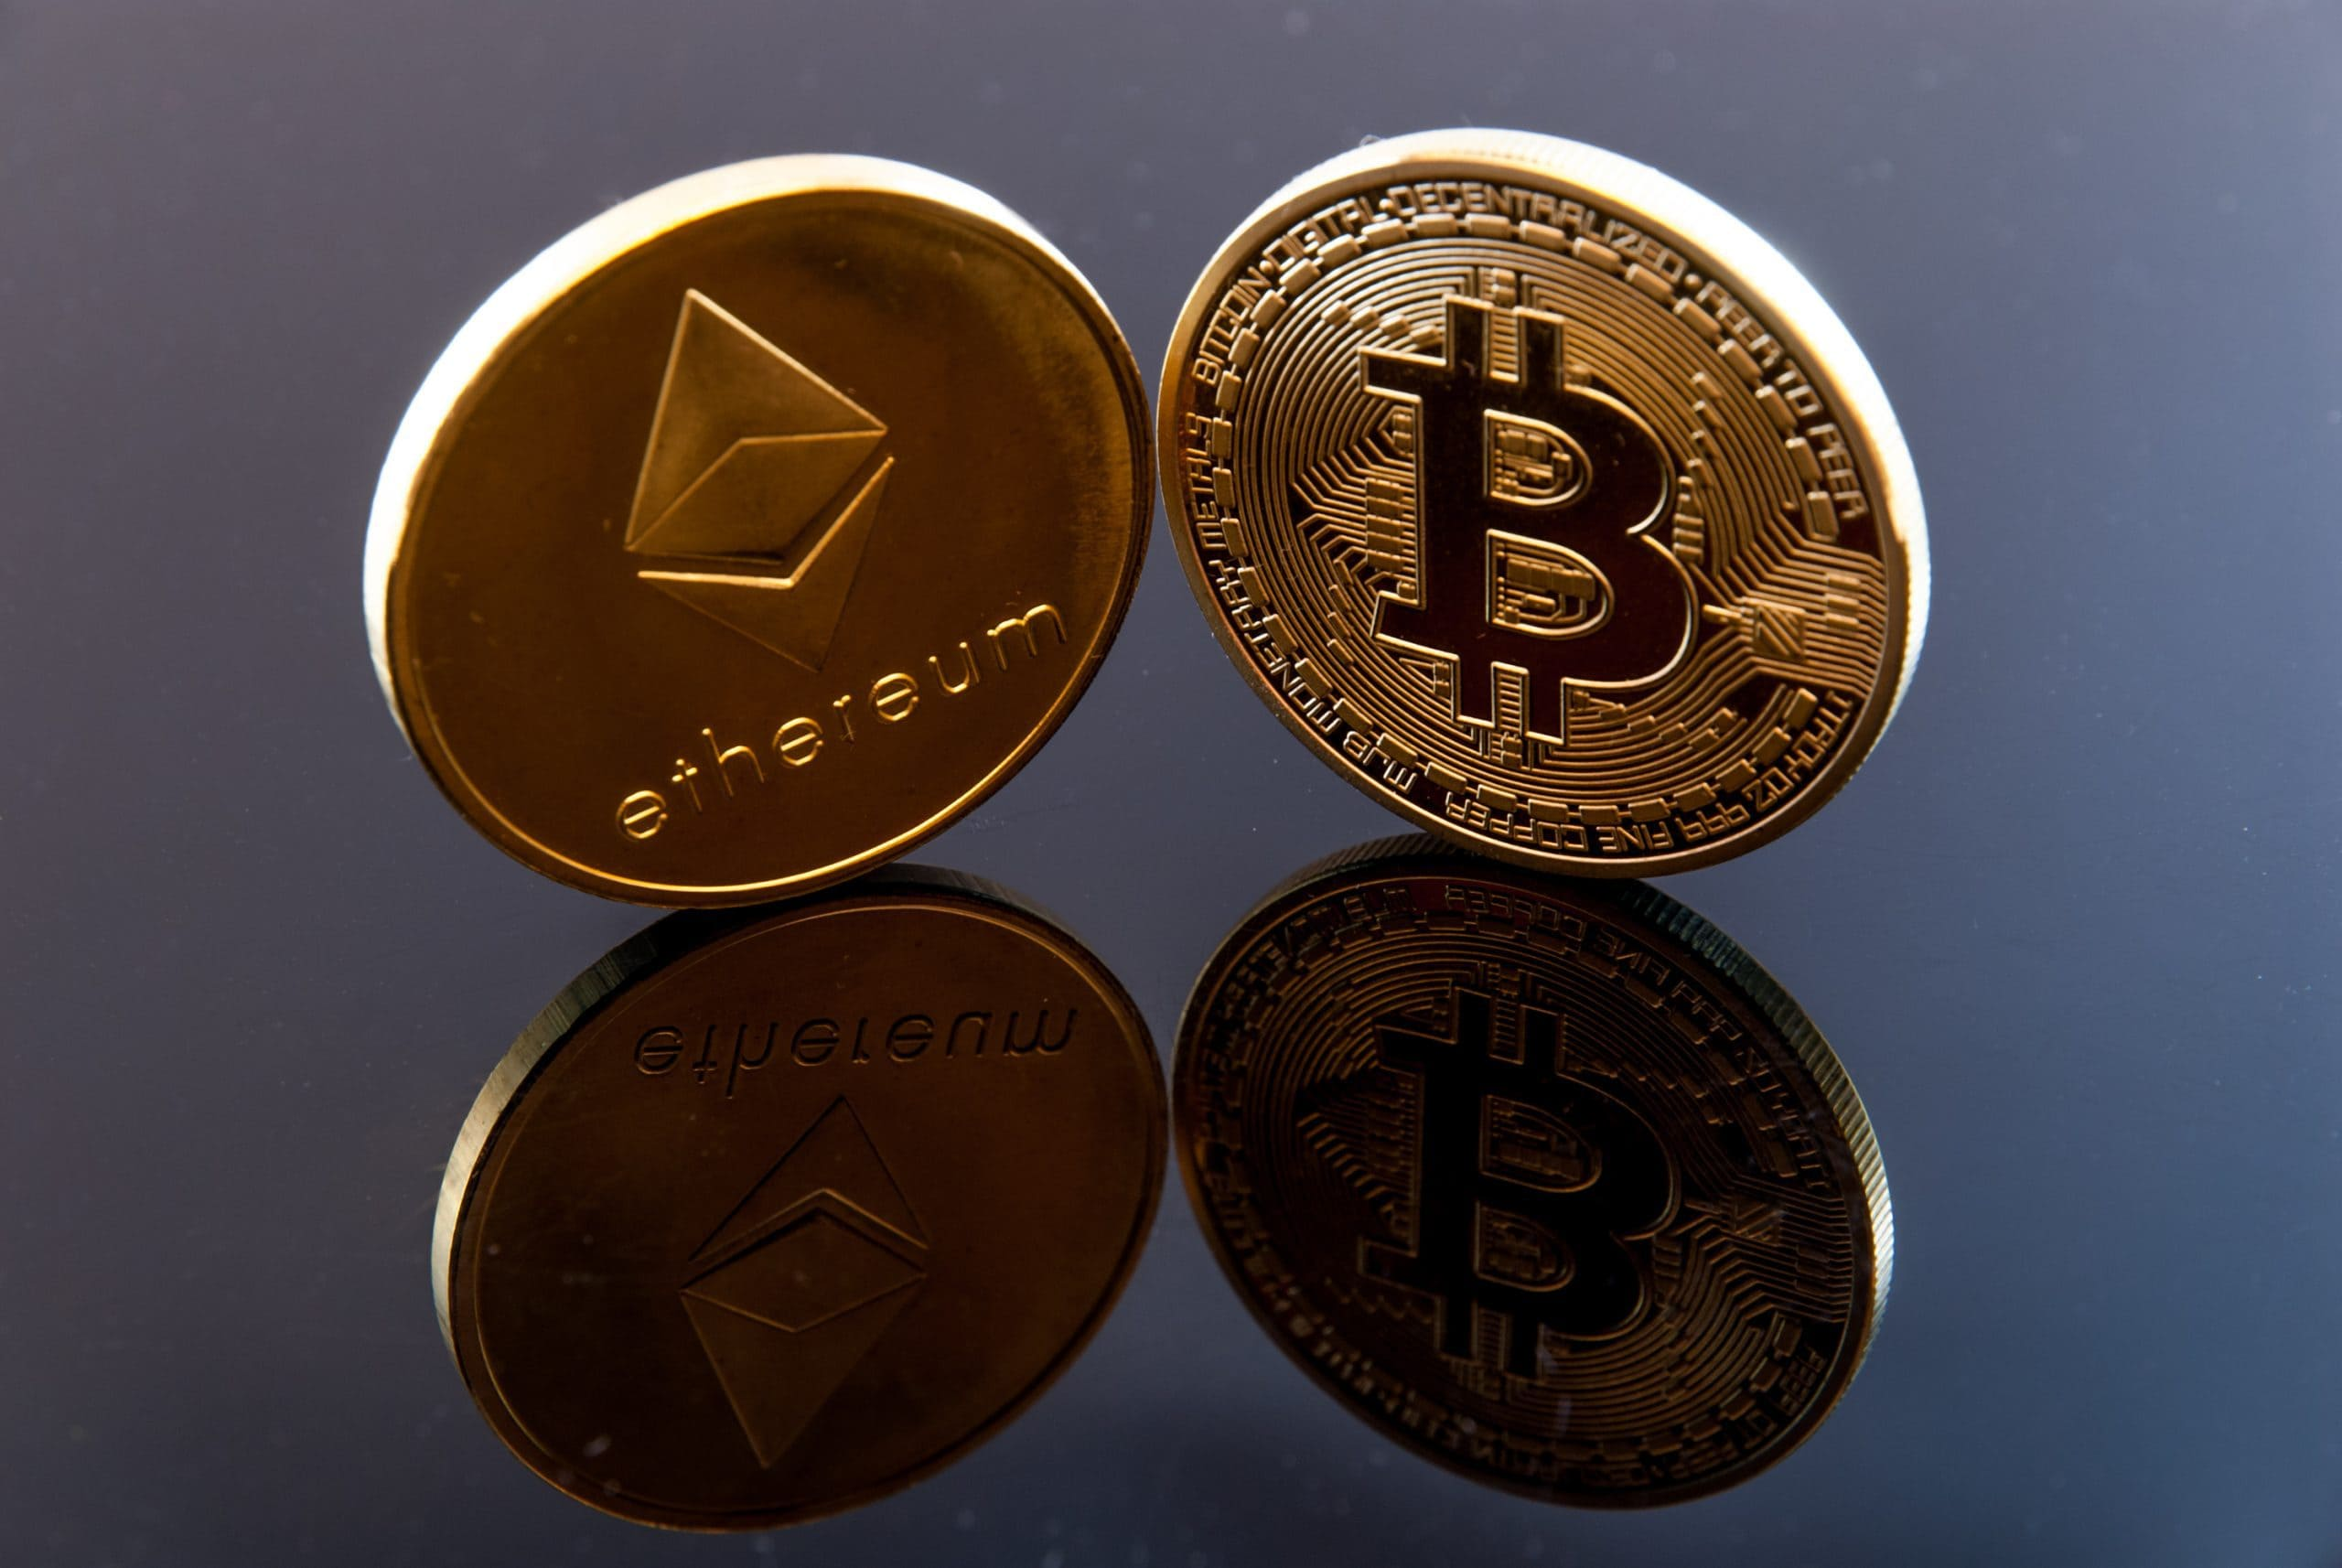 Ethereum und Bitcoin-Münzen